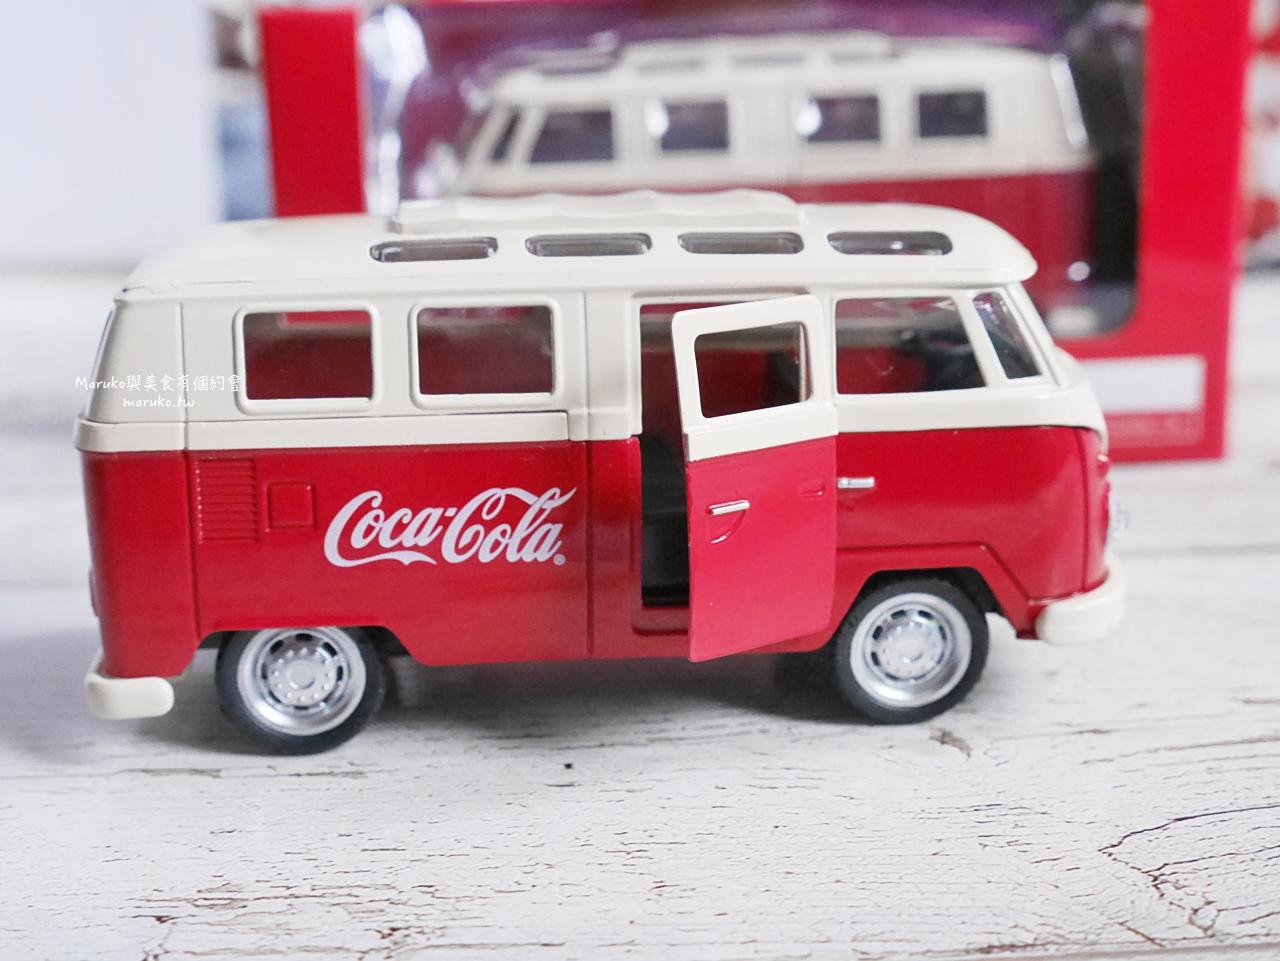 【全家便利商店】超可愛!麵包車款可樂模型車/可口可樂限量經典模型車加購只要99元 @Maruko與美食有個約會